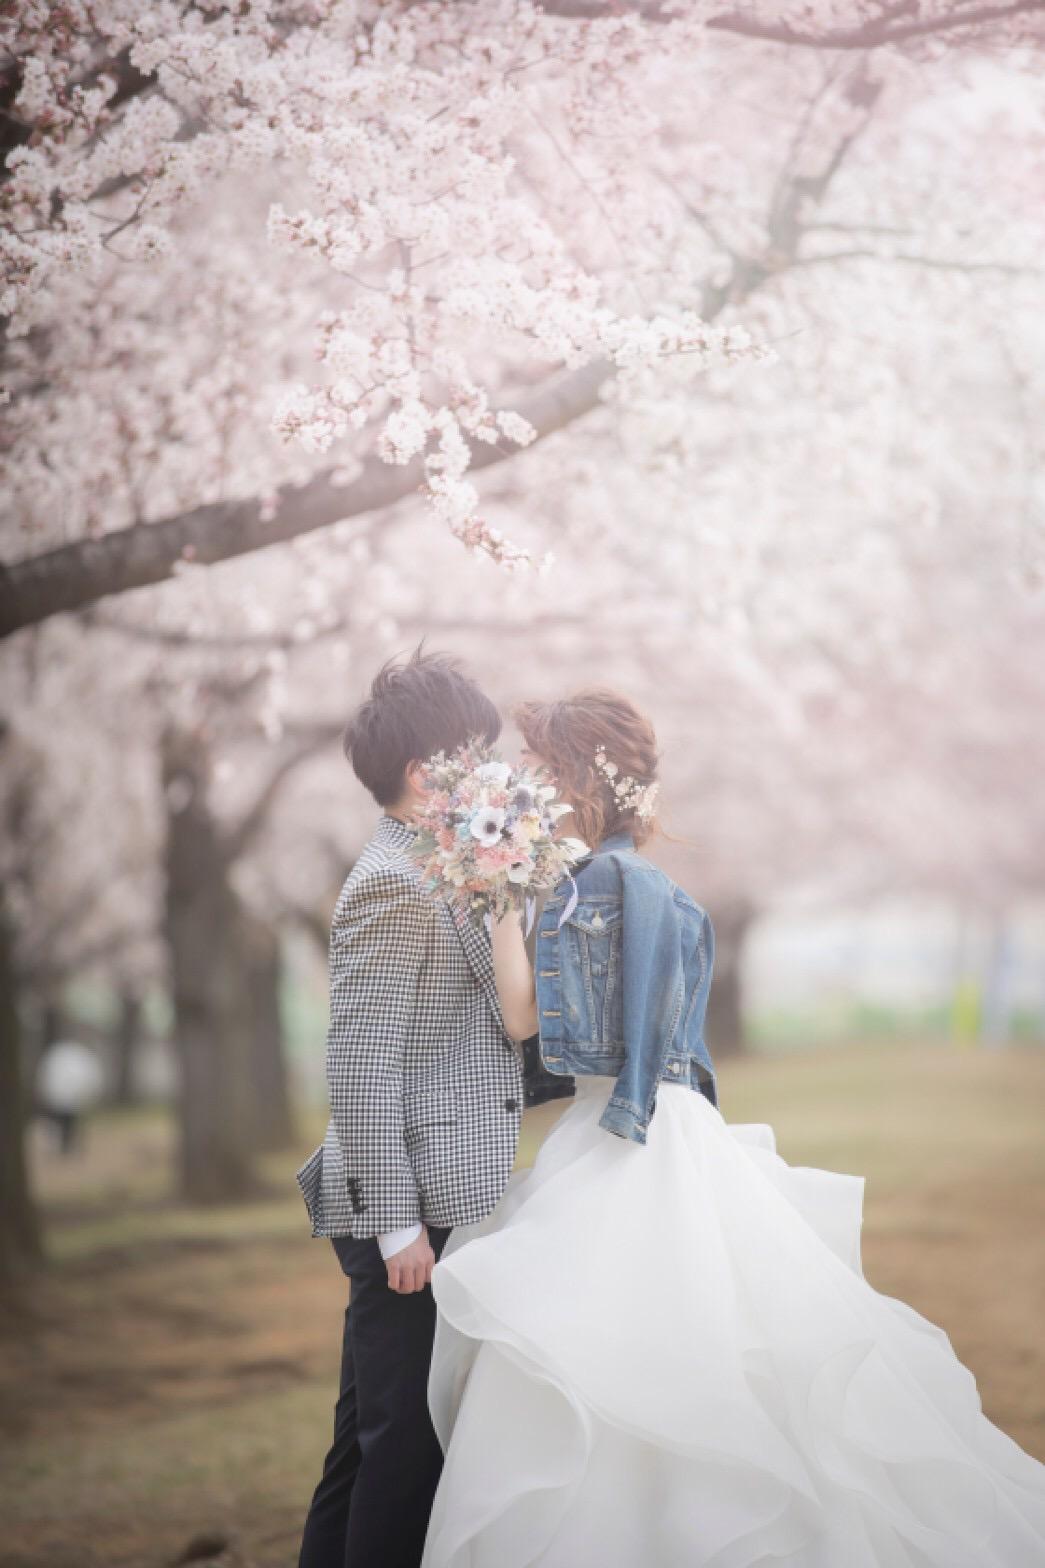 【桜ウェディング】桜満開の素敵なウェディングフォトを撮って頂きました♡_4